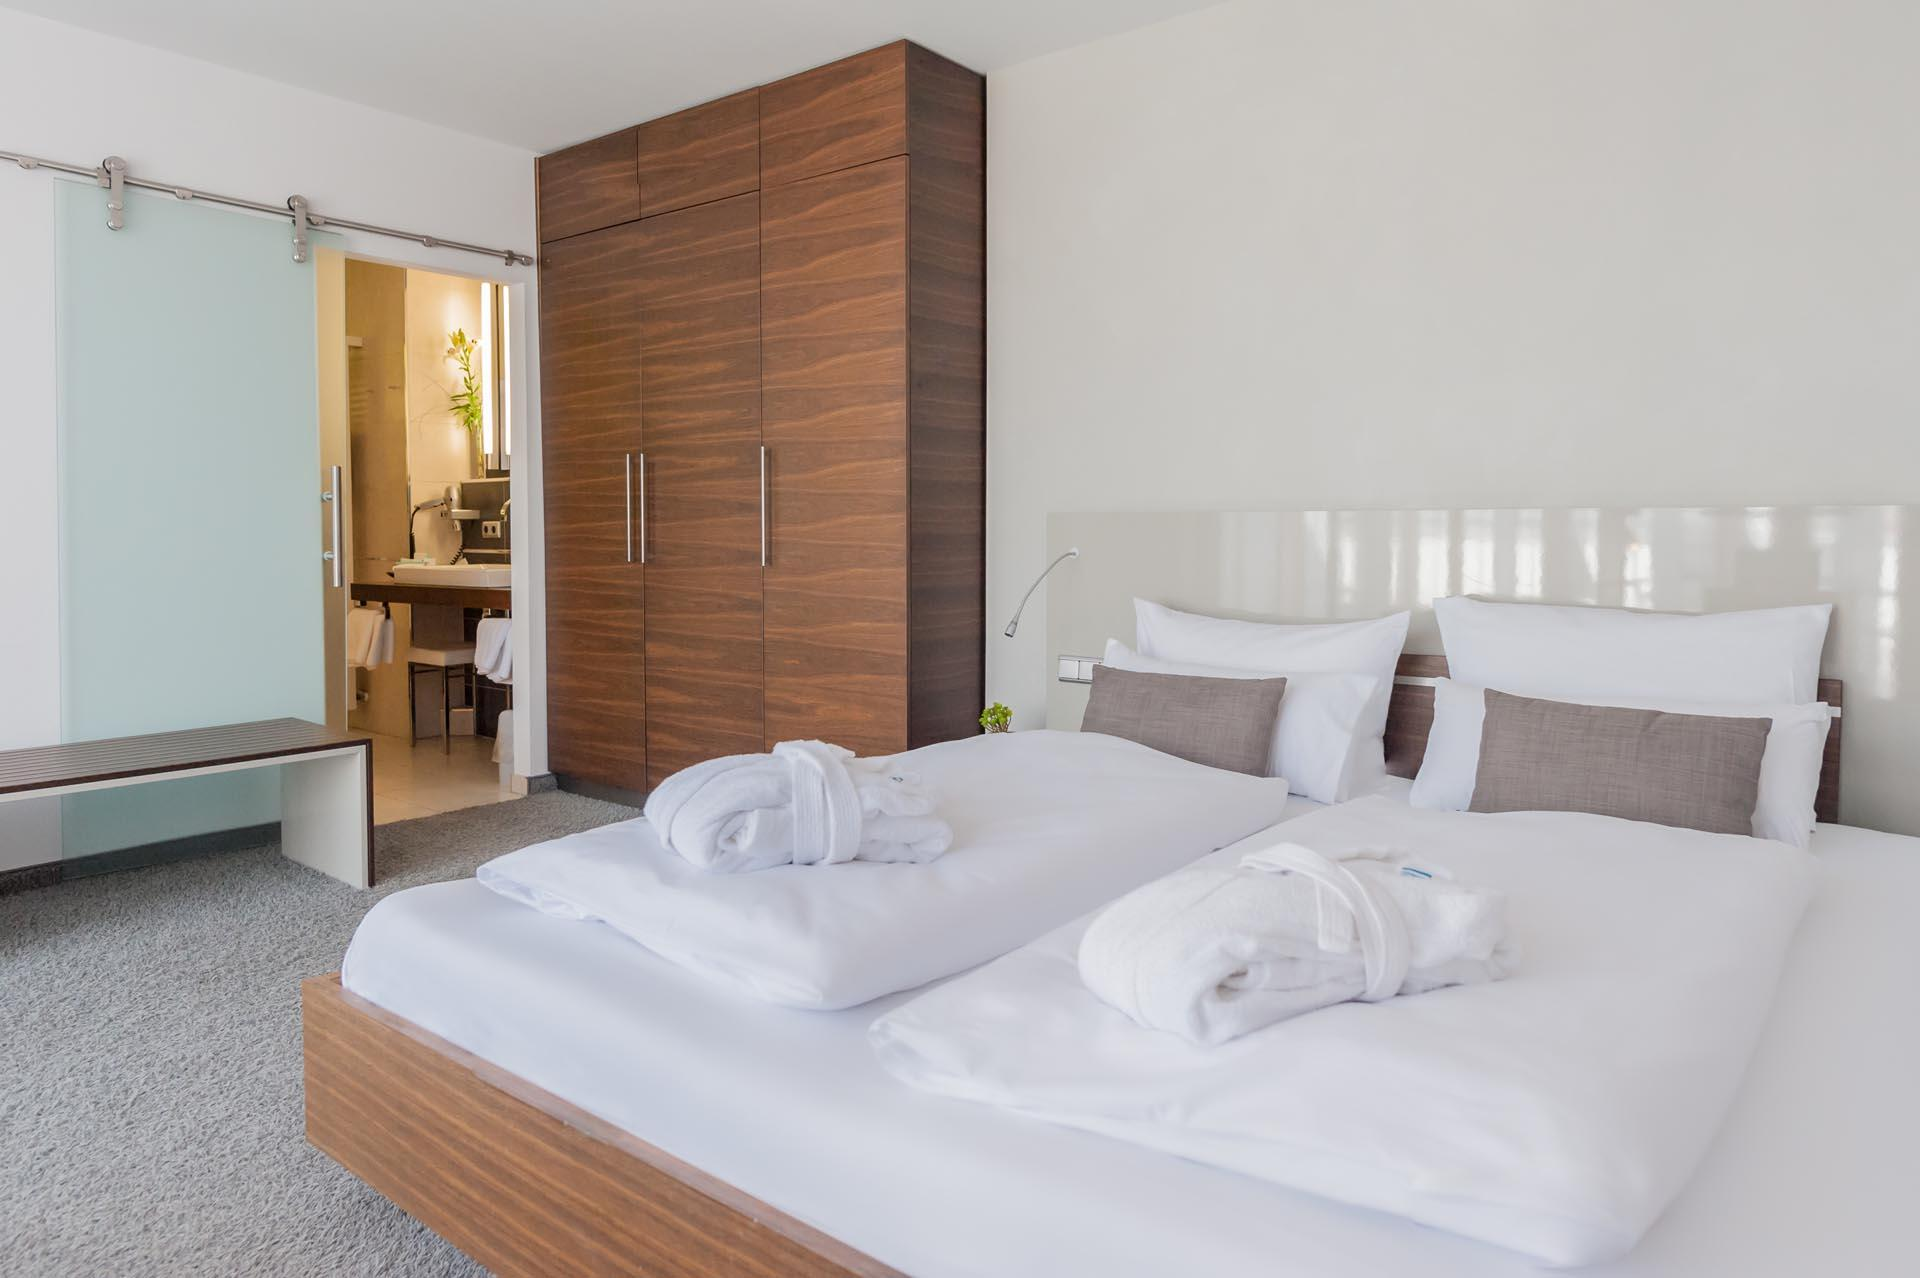 Room at Hotel Frankenland in Bad Kissingen, Germany